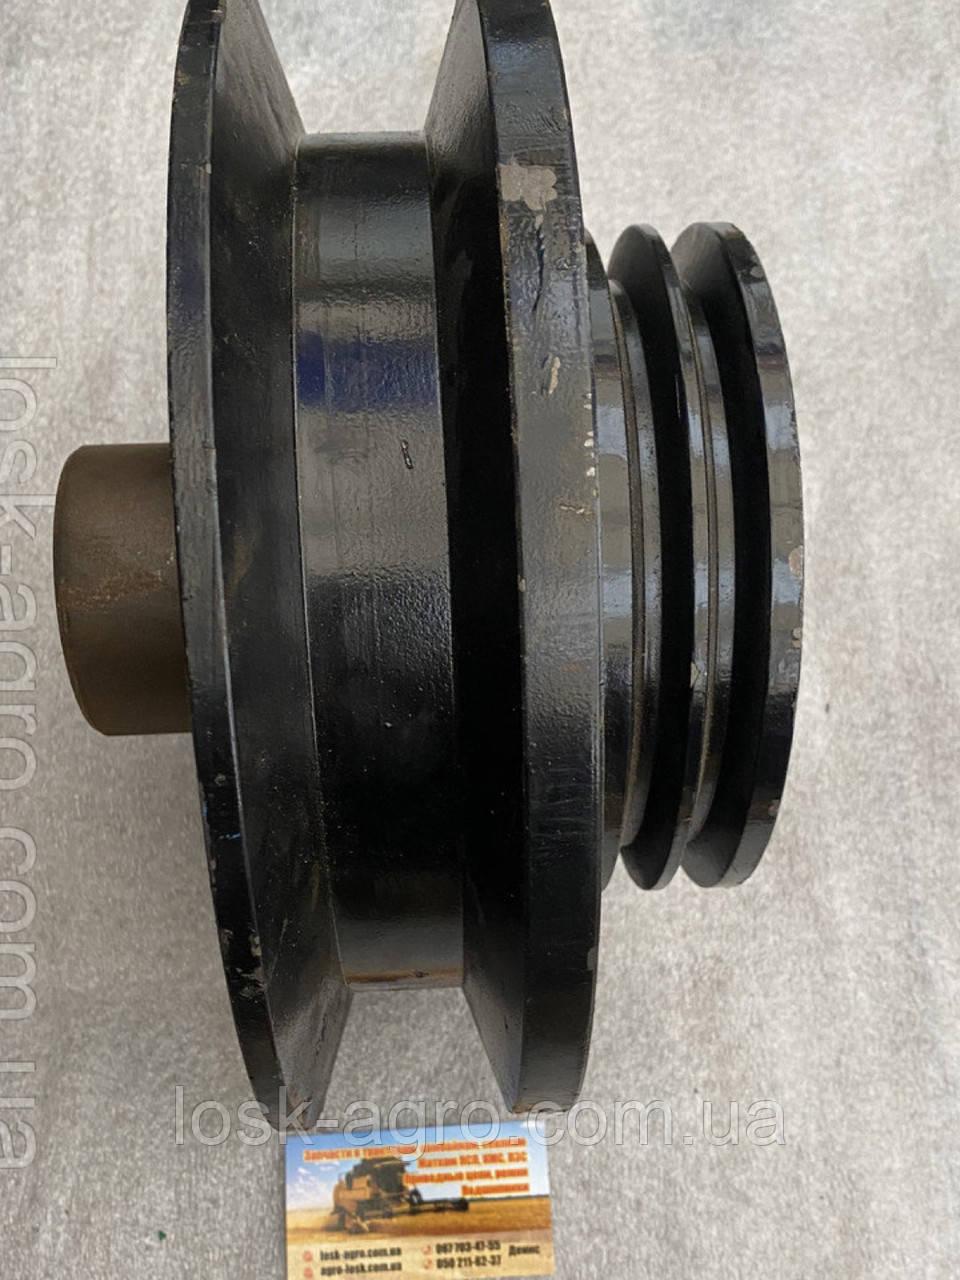 Шкив двигателя 54-10253 (со ступицей) СМД-21,СК-5,НИВА